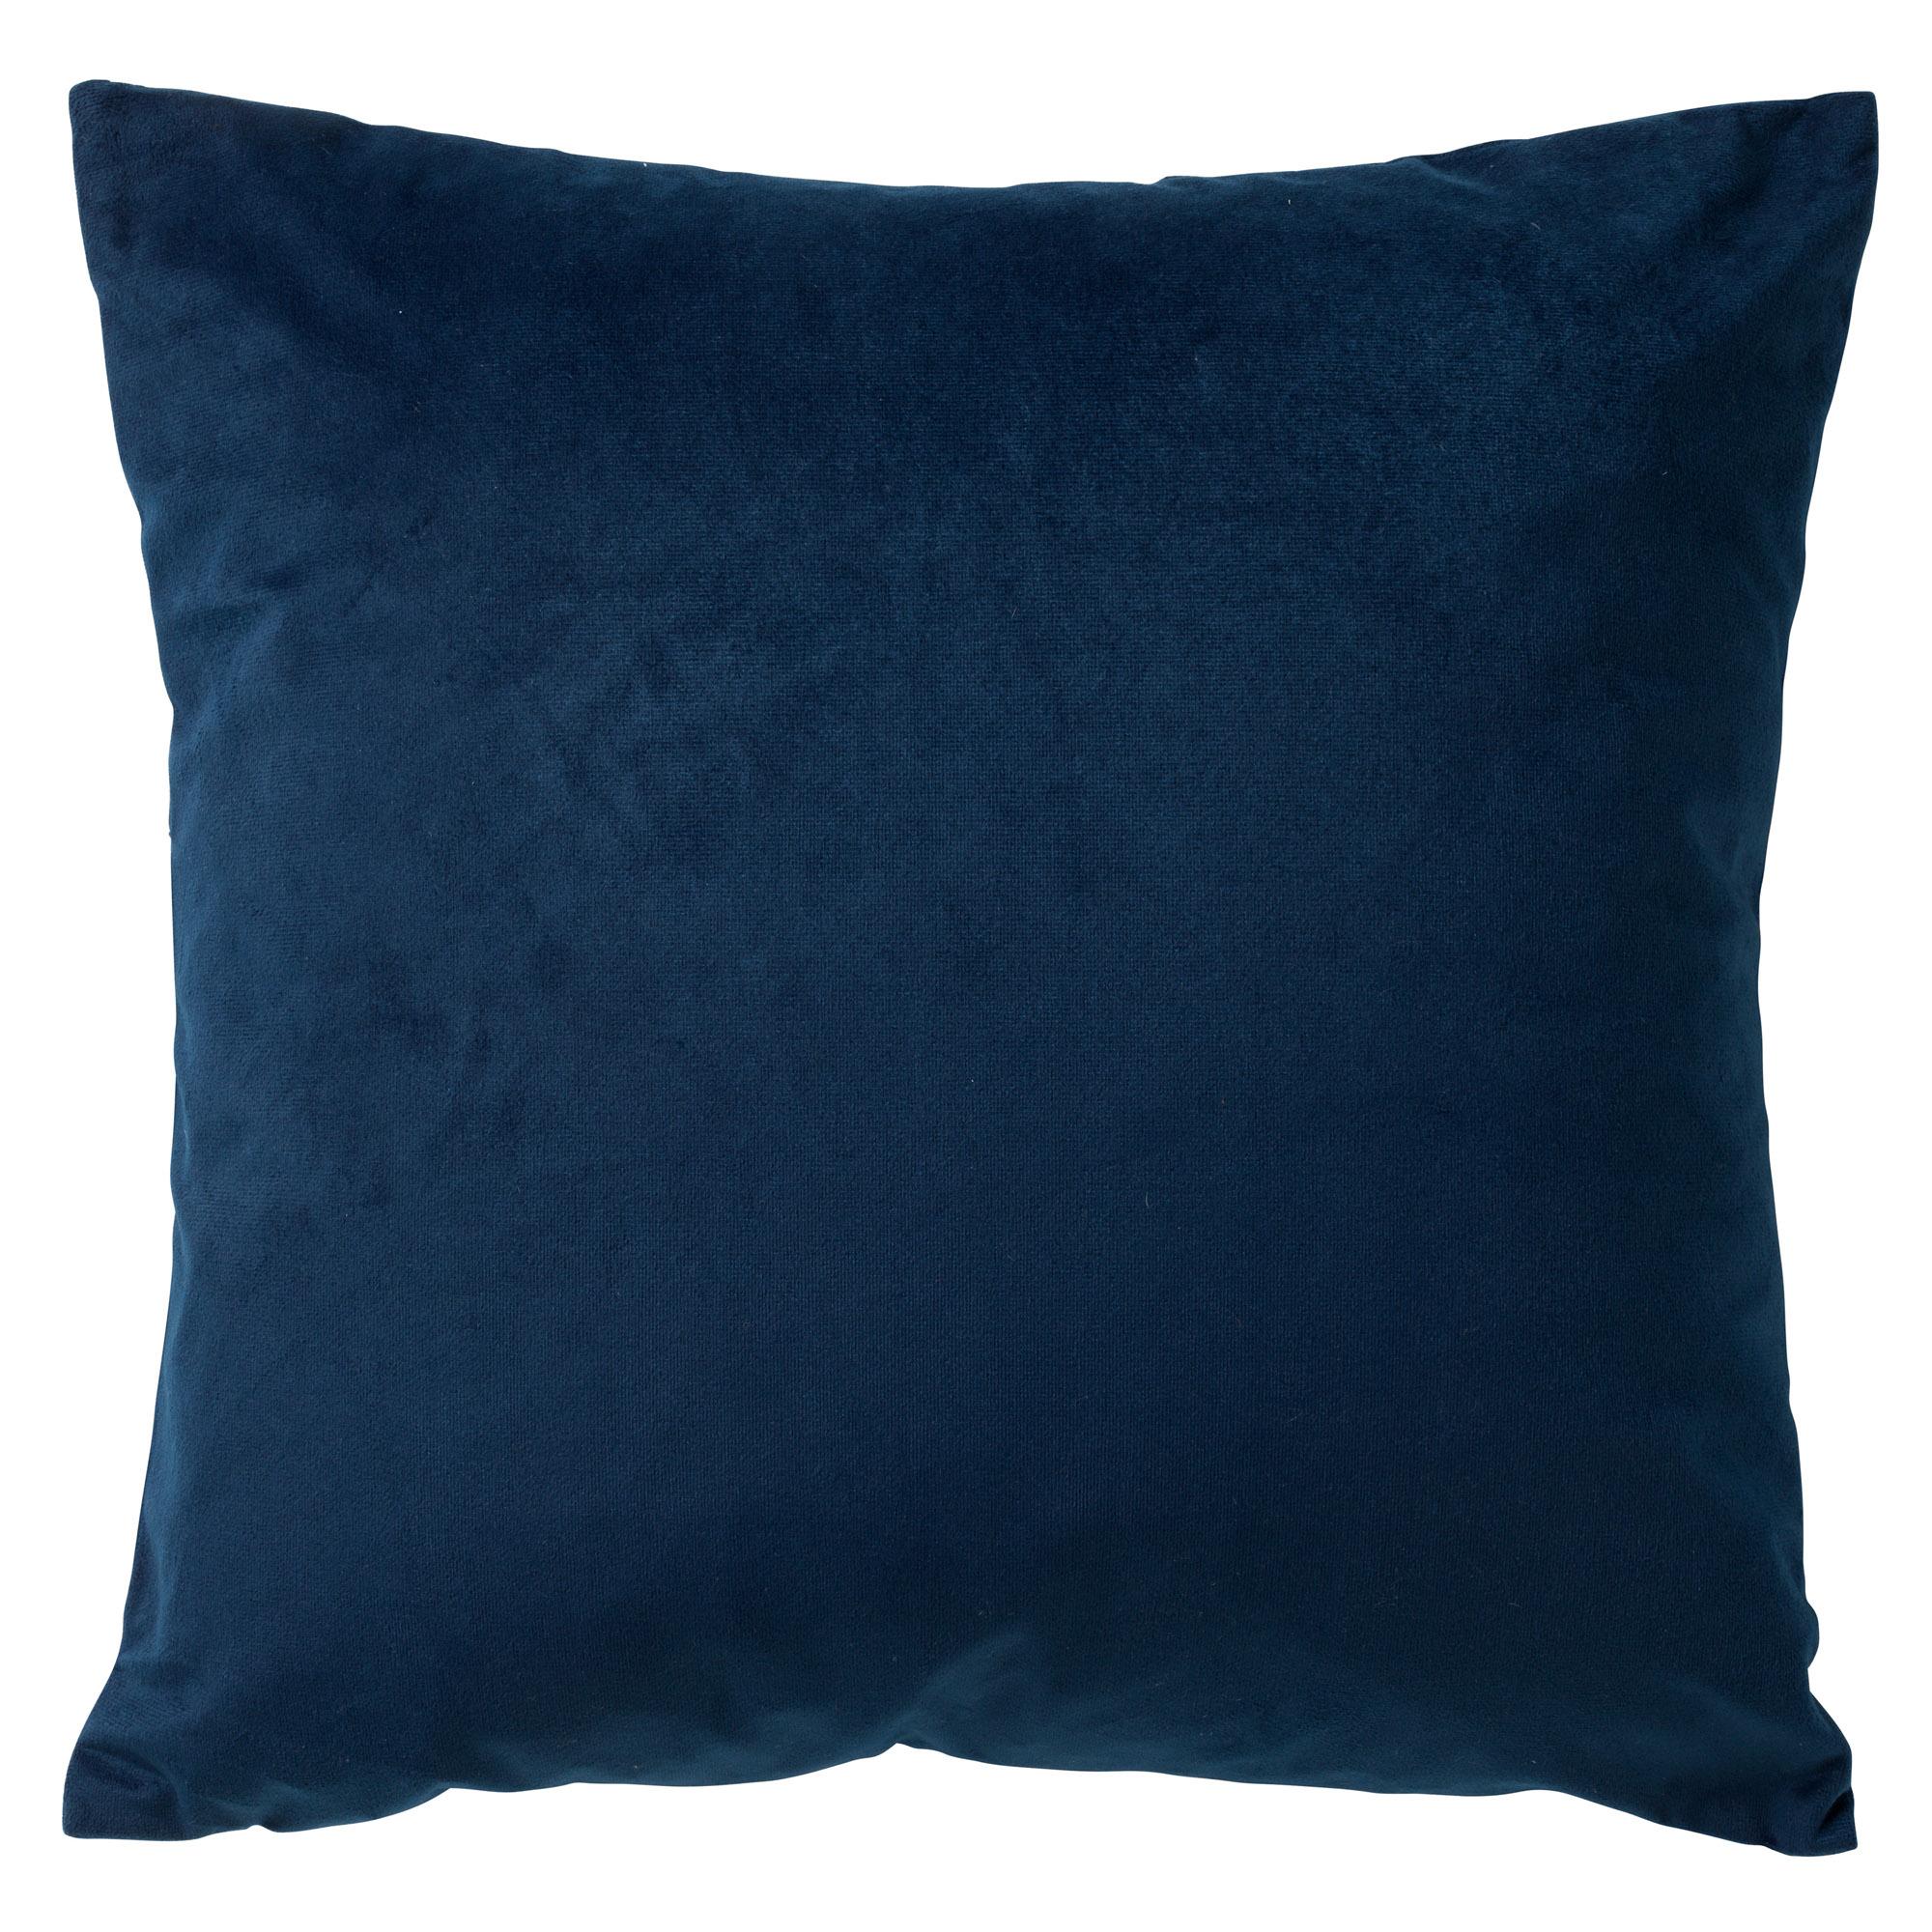 PHILLY - Sierkussen velvet Insignia Blue 45x45 cm